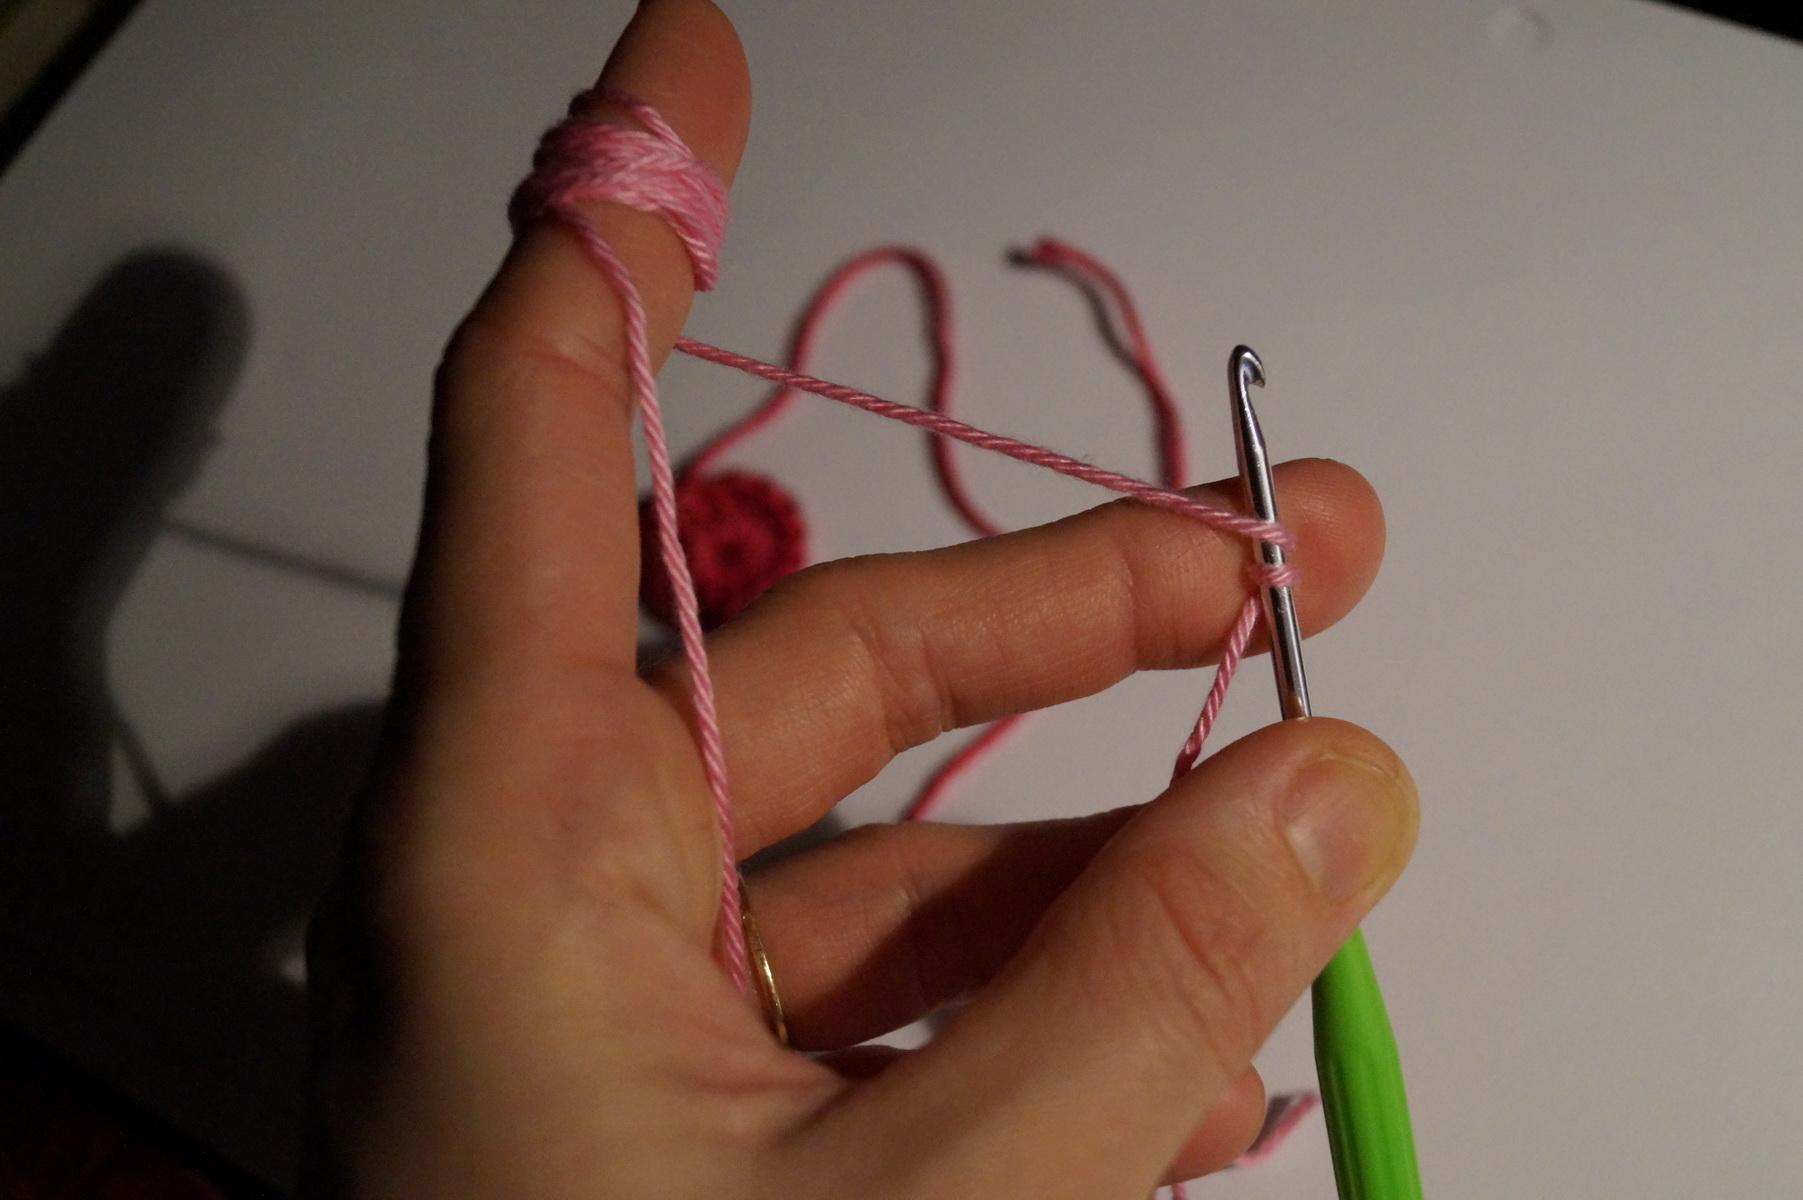 A következő kört 'standing double crochet'-val, magyarul kb. 'álló egyráhajtásos pálcával' kezdjük, ehhez először is kétszer rátekerjük a fonalat a tűre.